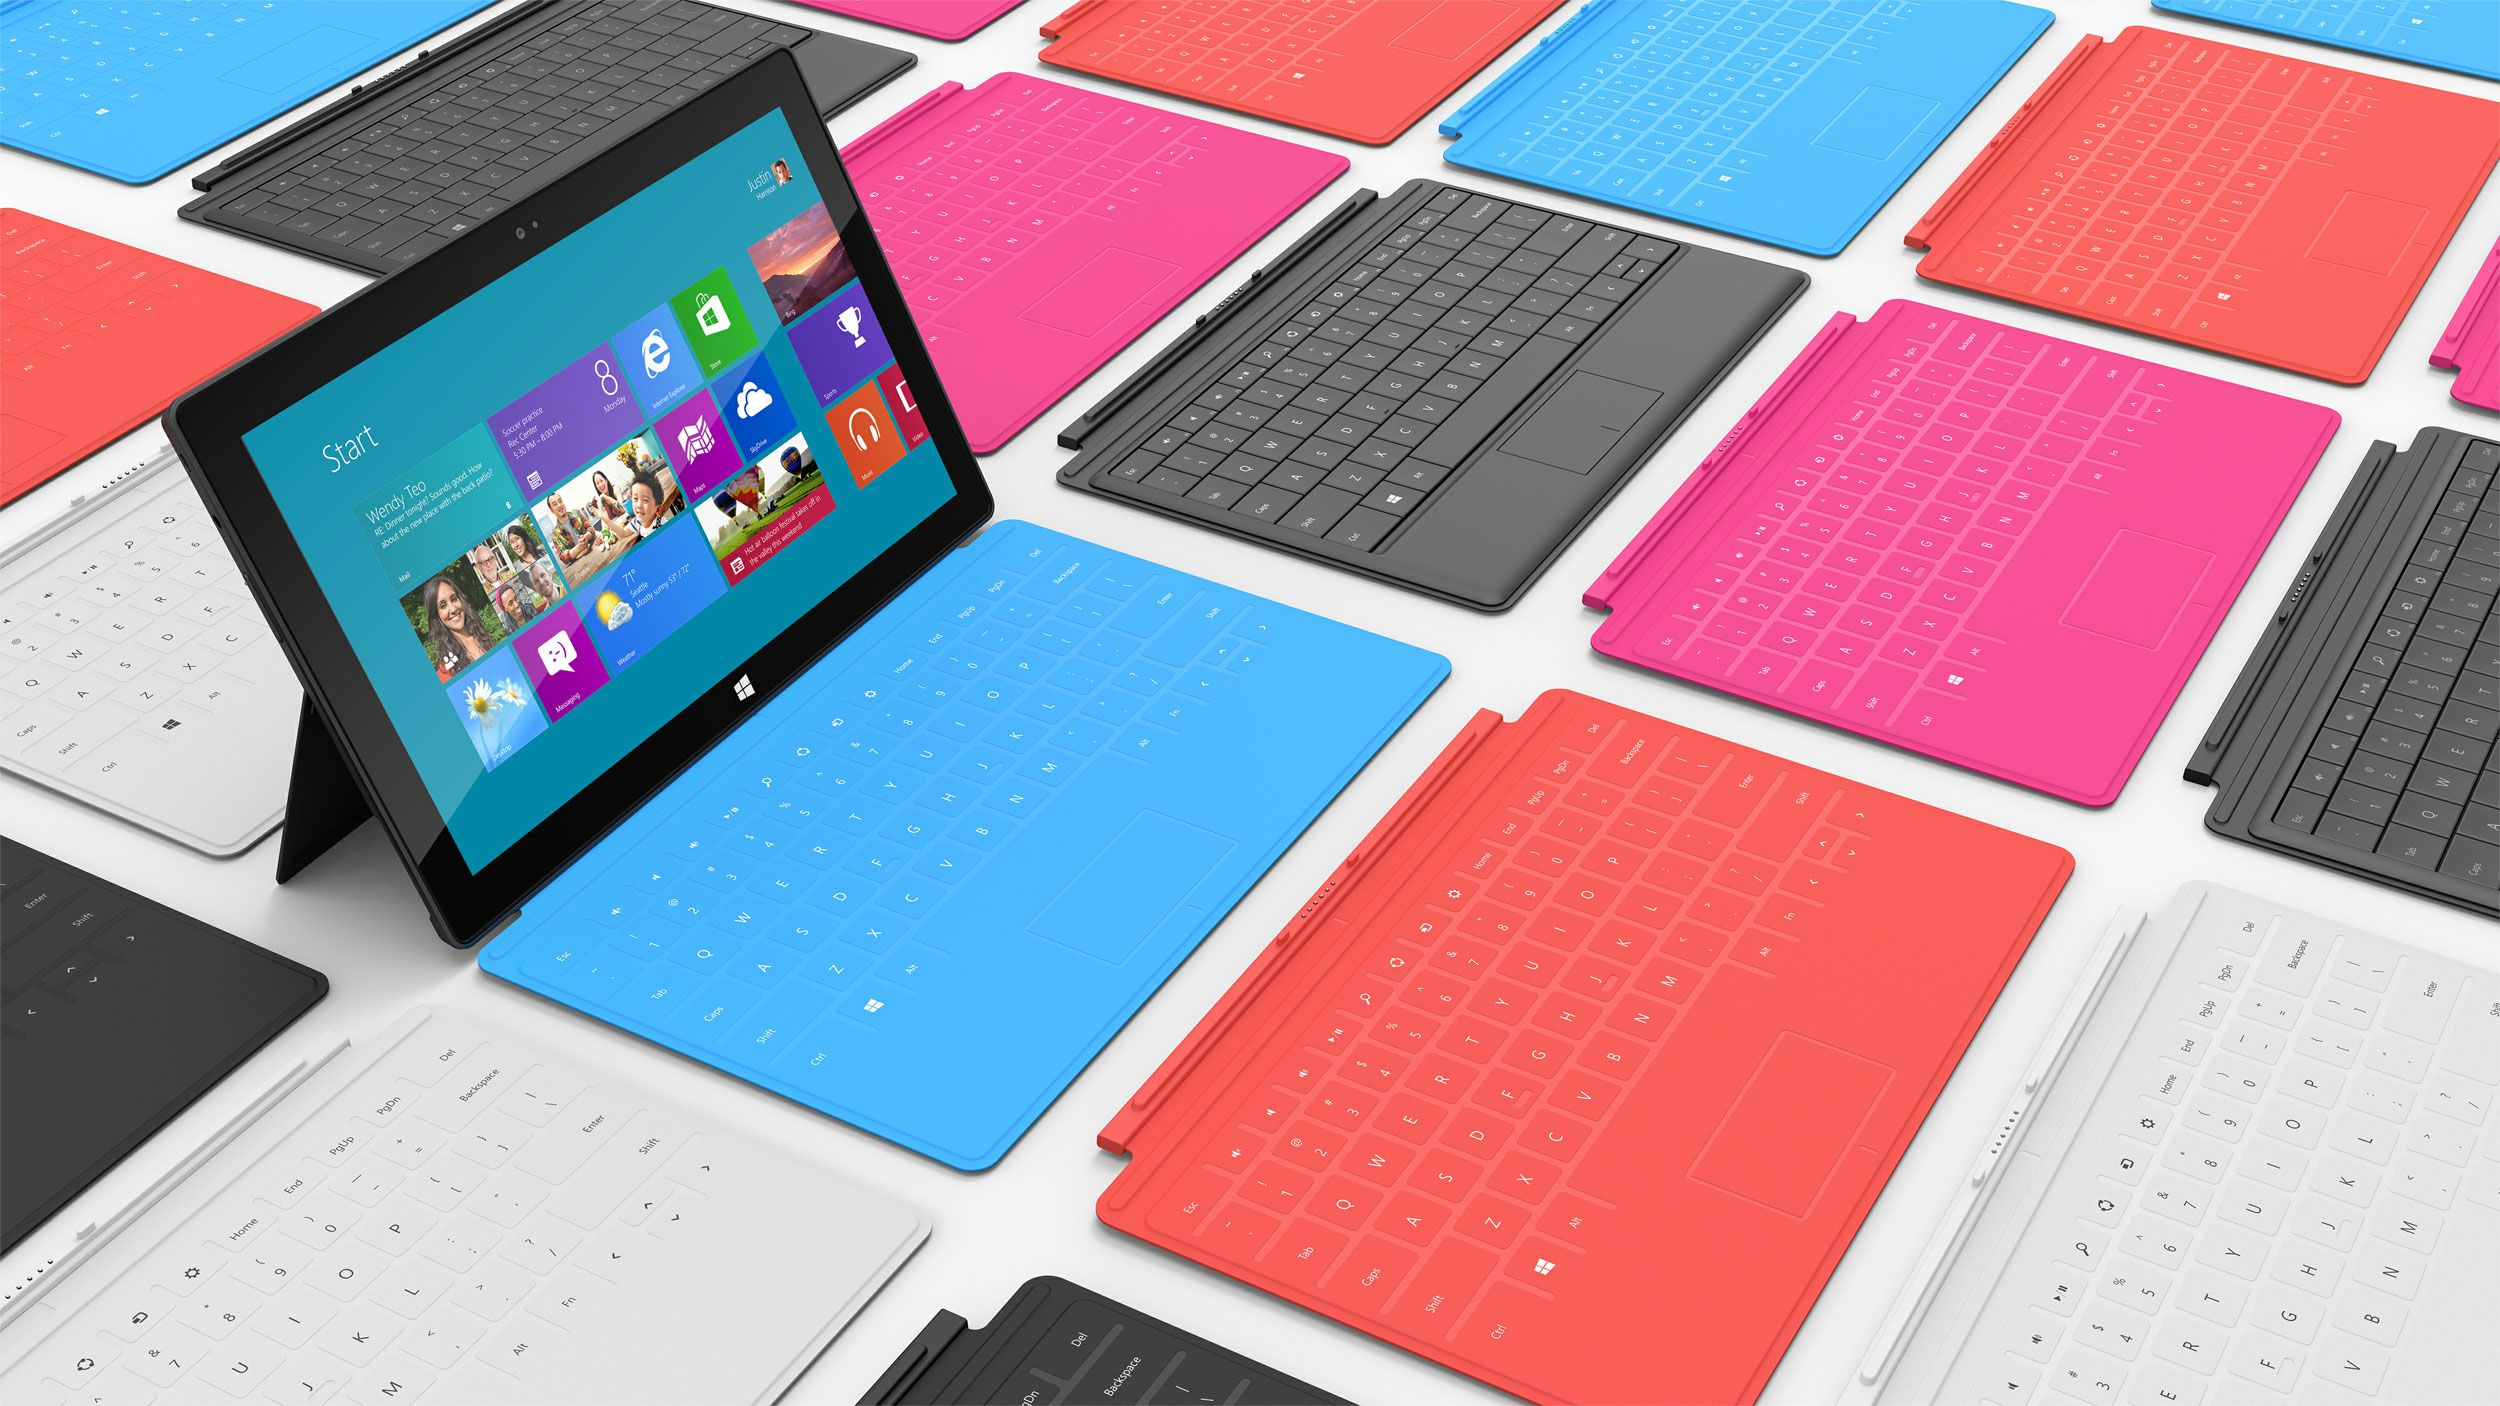 Slik skal Microsoft bli nettbrett-konge med Windows 8